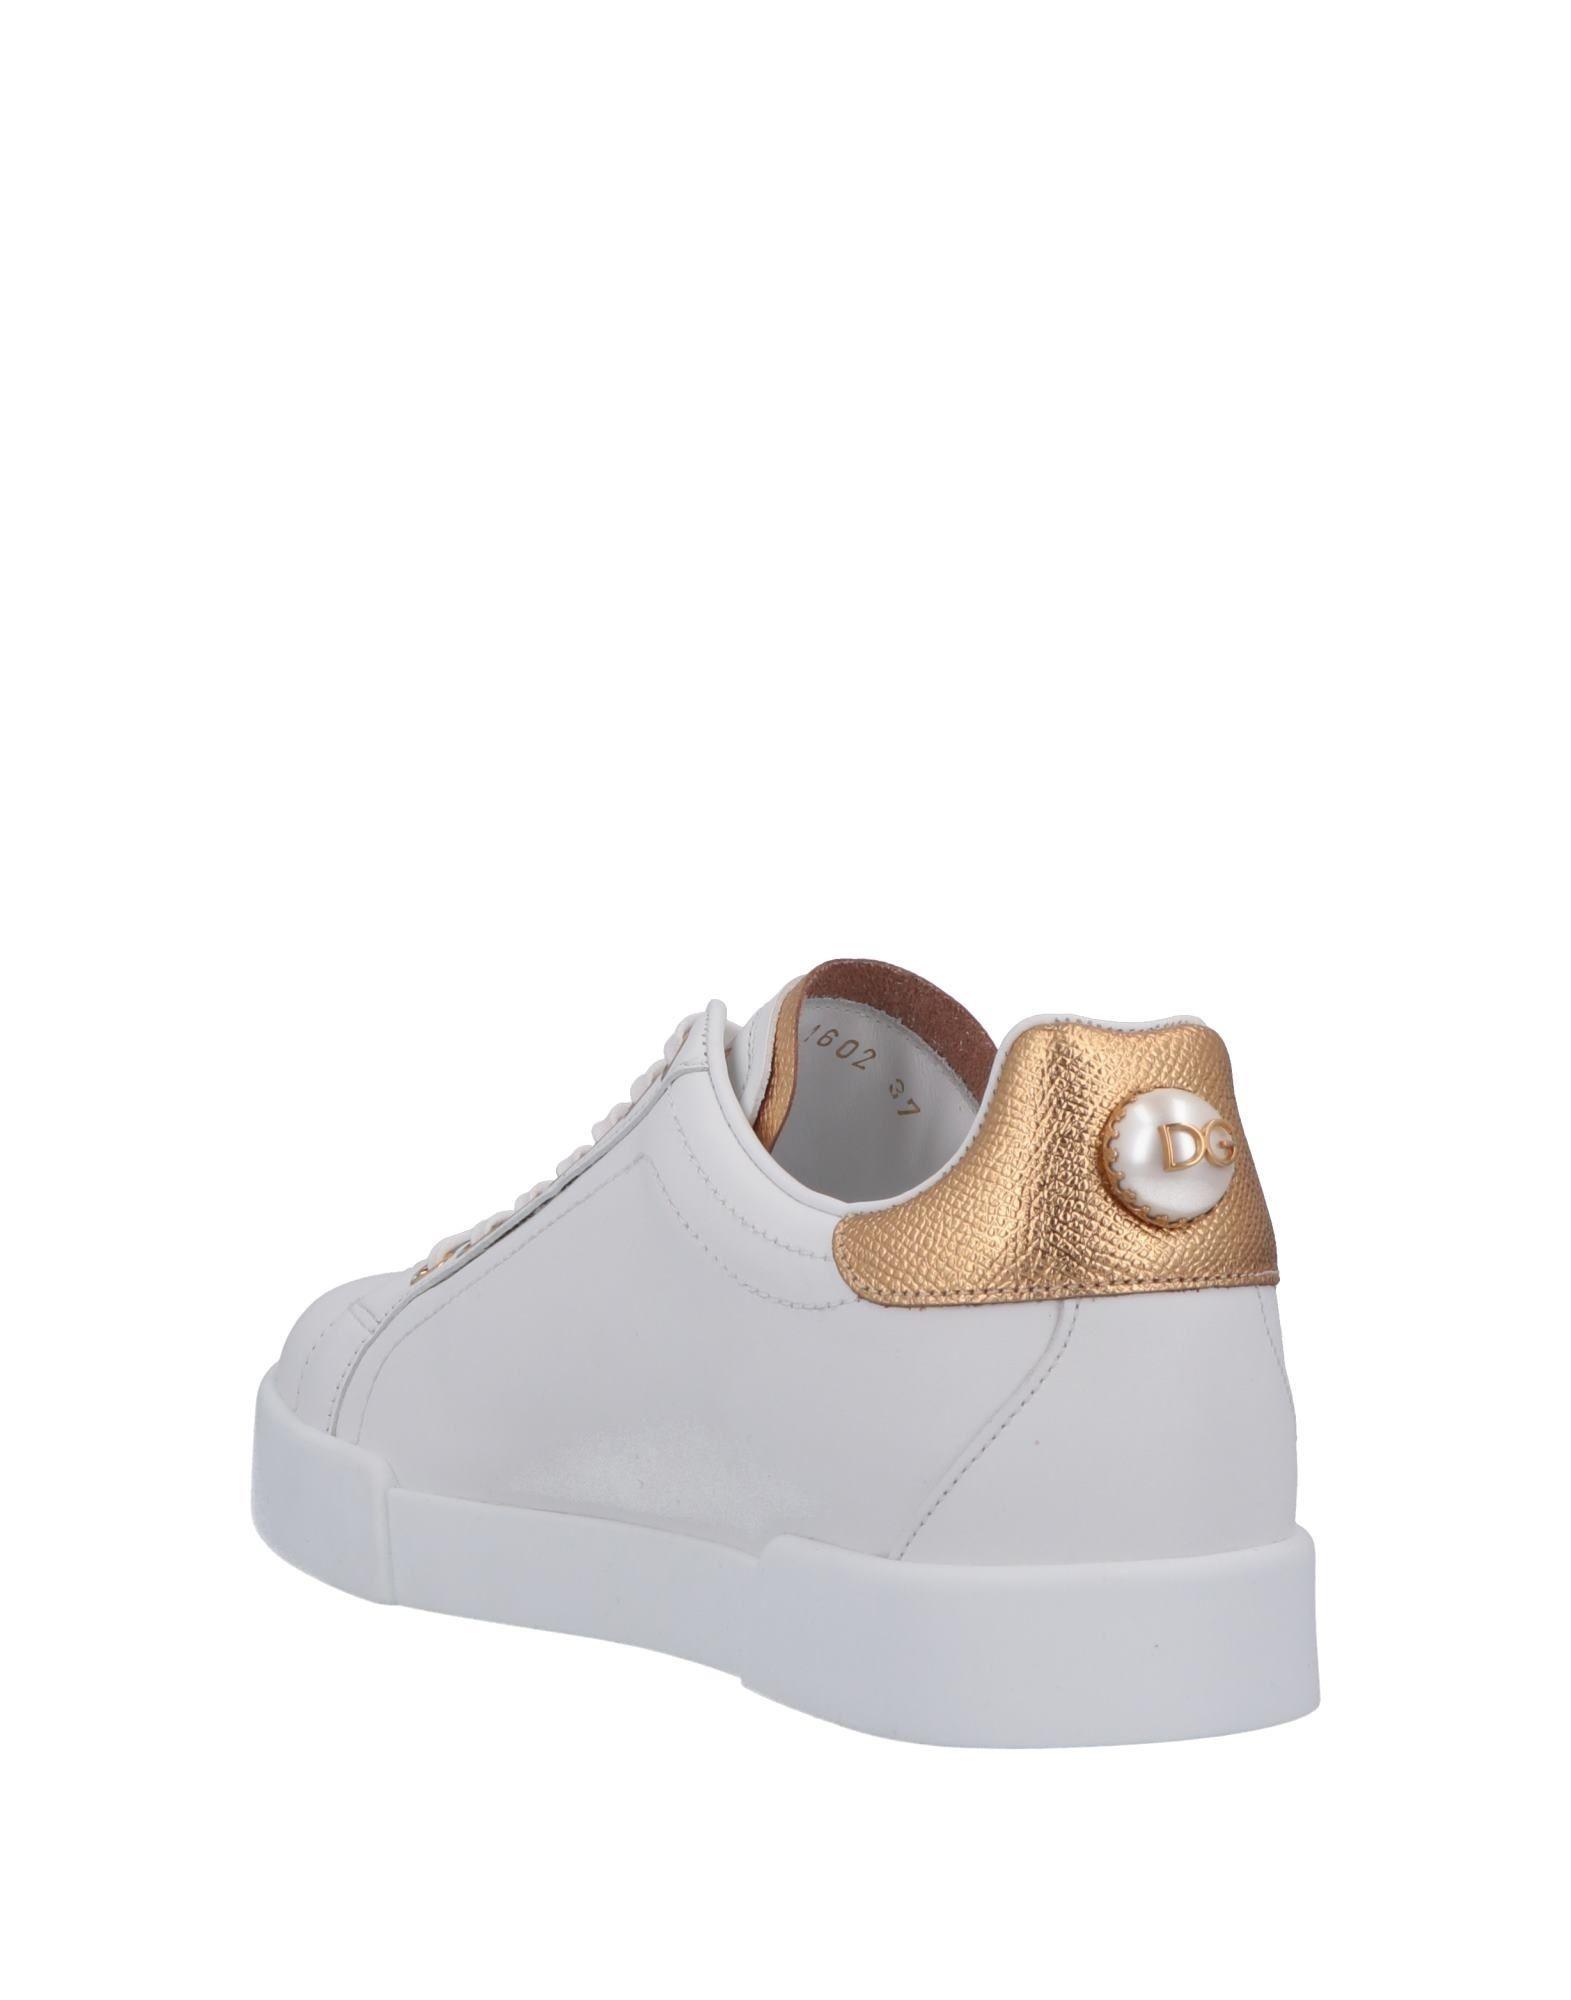 Sneakers & Deportivas Dolce & Gabbana de color Blanco